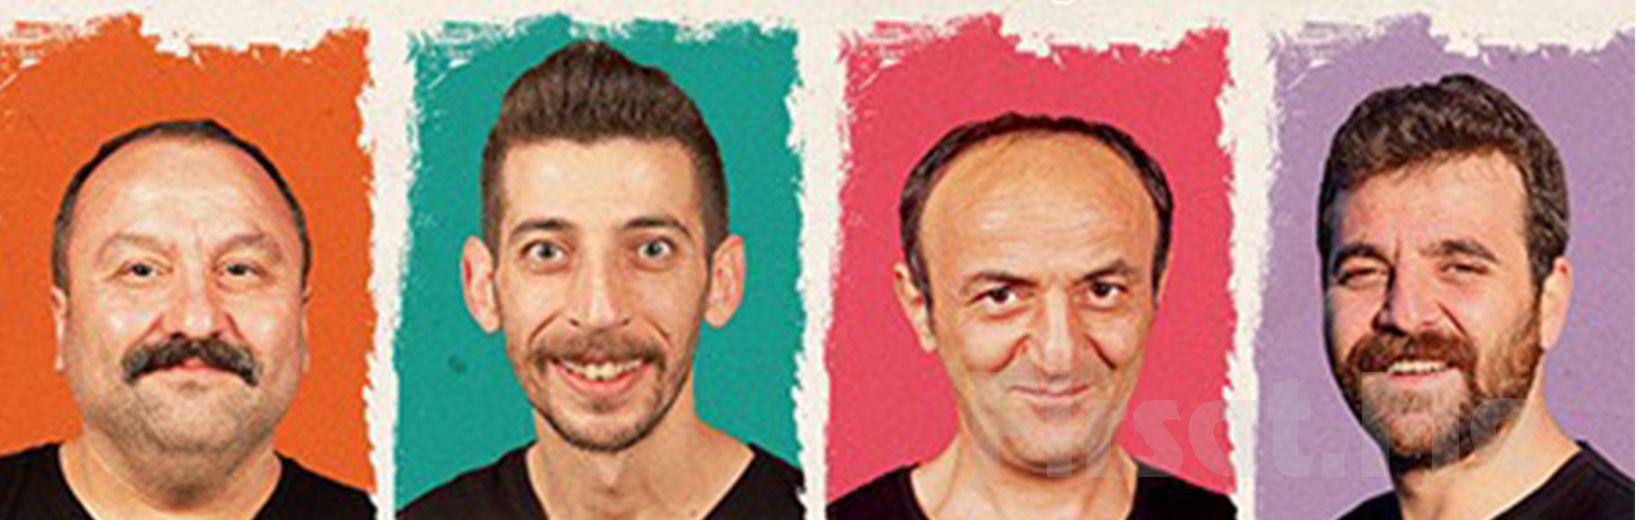 Ersin Korkut, Hakan Bulut, Erdem Baş, Eray Yasin Işık, 'İyi Kötü Çirkin' Tiyatro Bileti